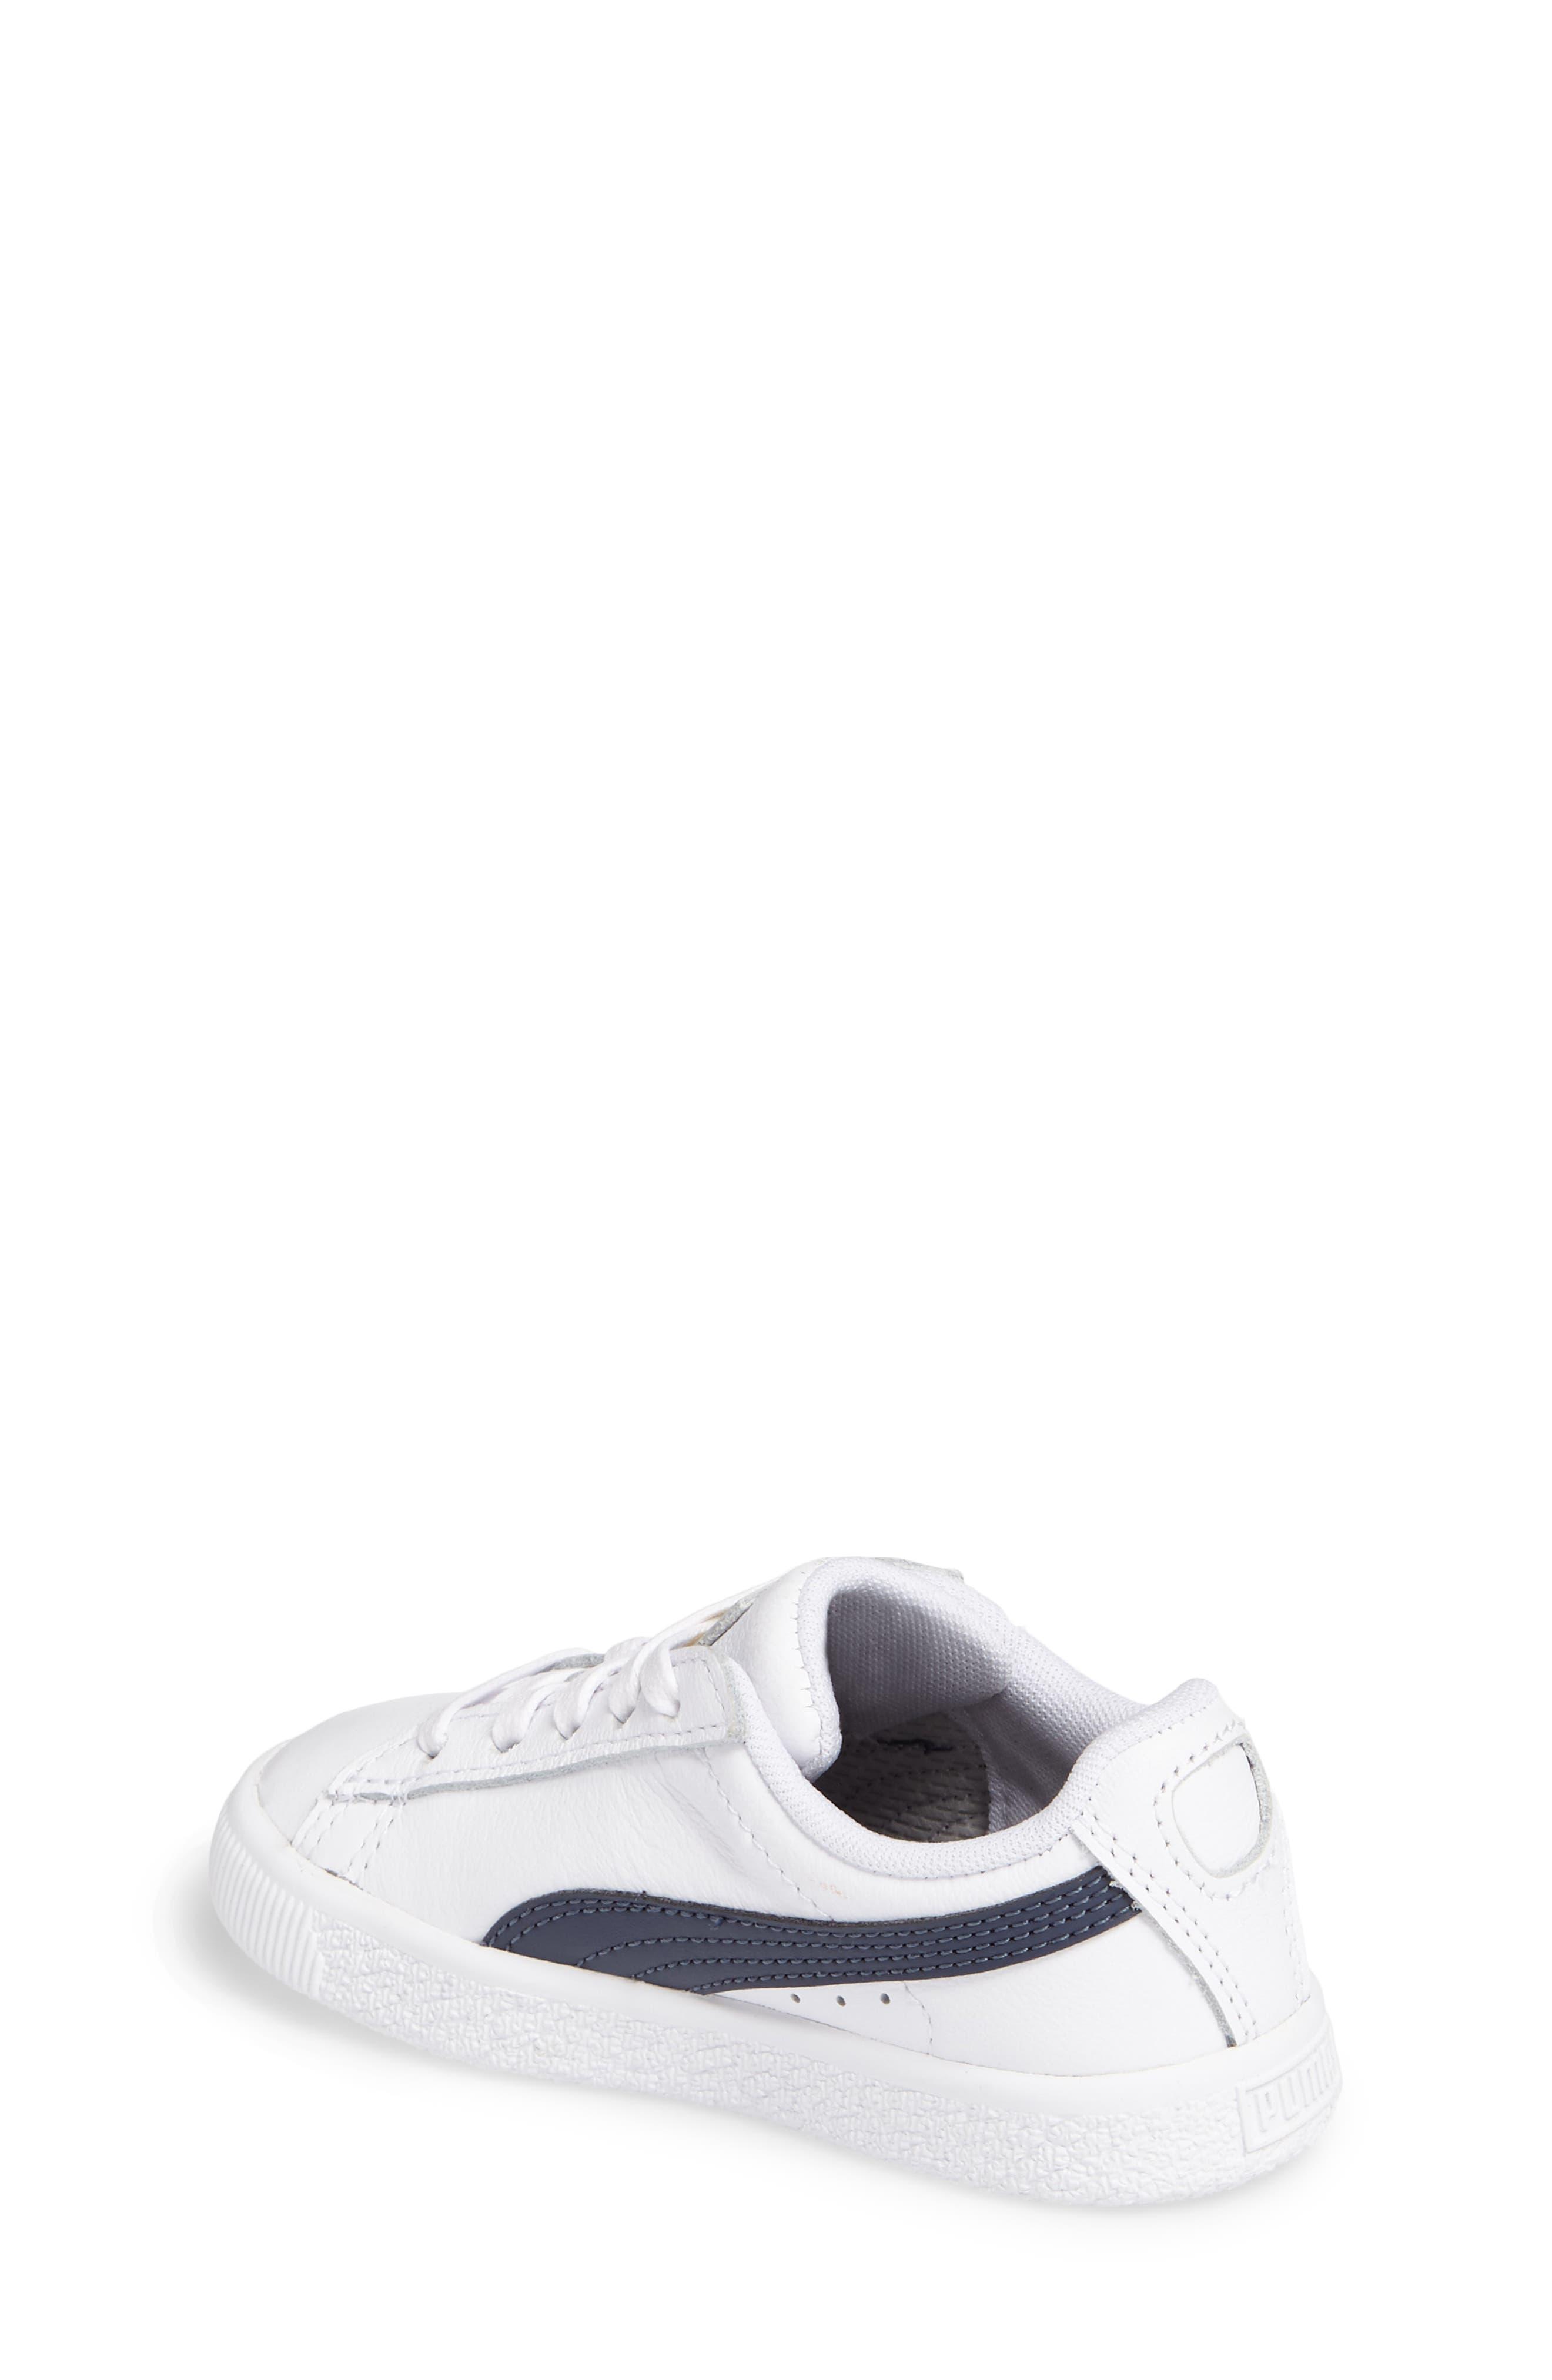 Clyde Core Foil Sneaker,                             Alternate thumbnail 10, color,